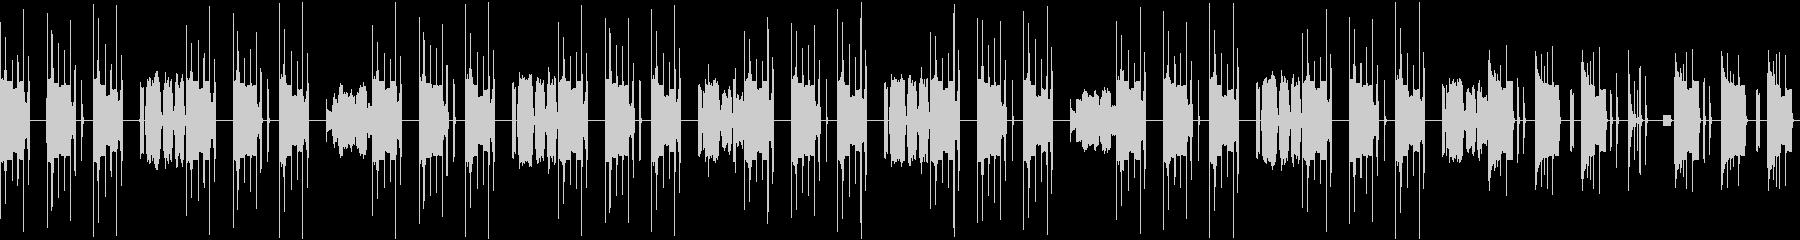 ユーチューバー用ナレーション背景BGMの未再生の波形